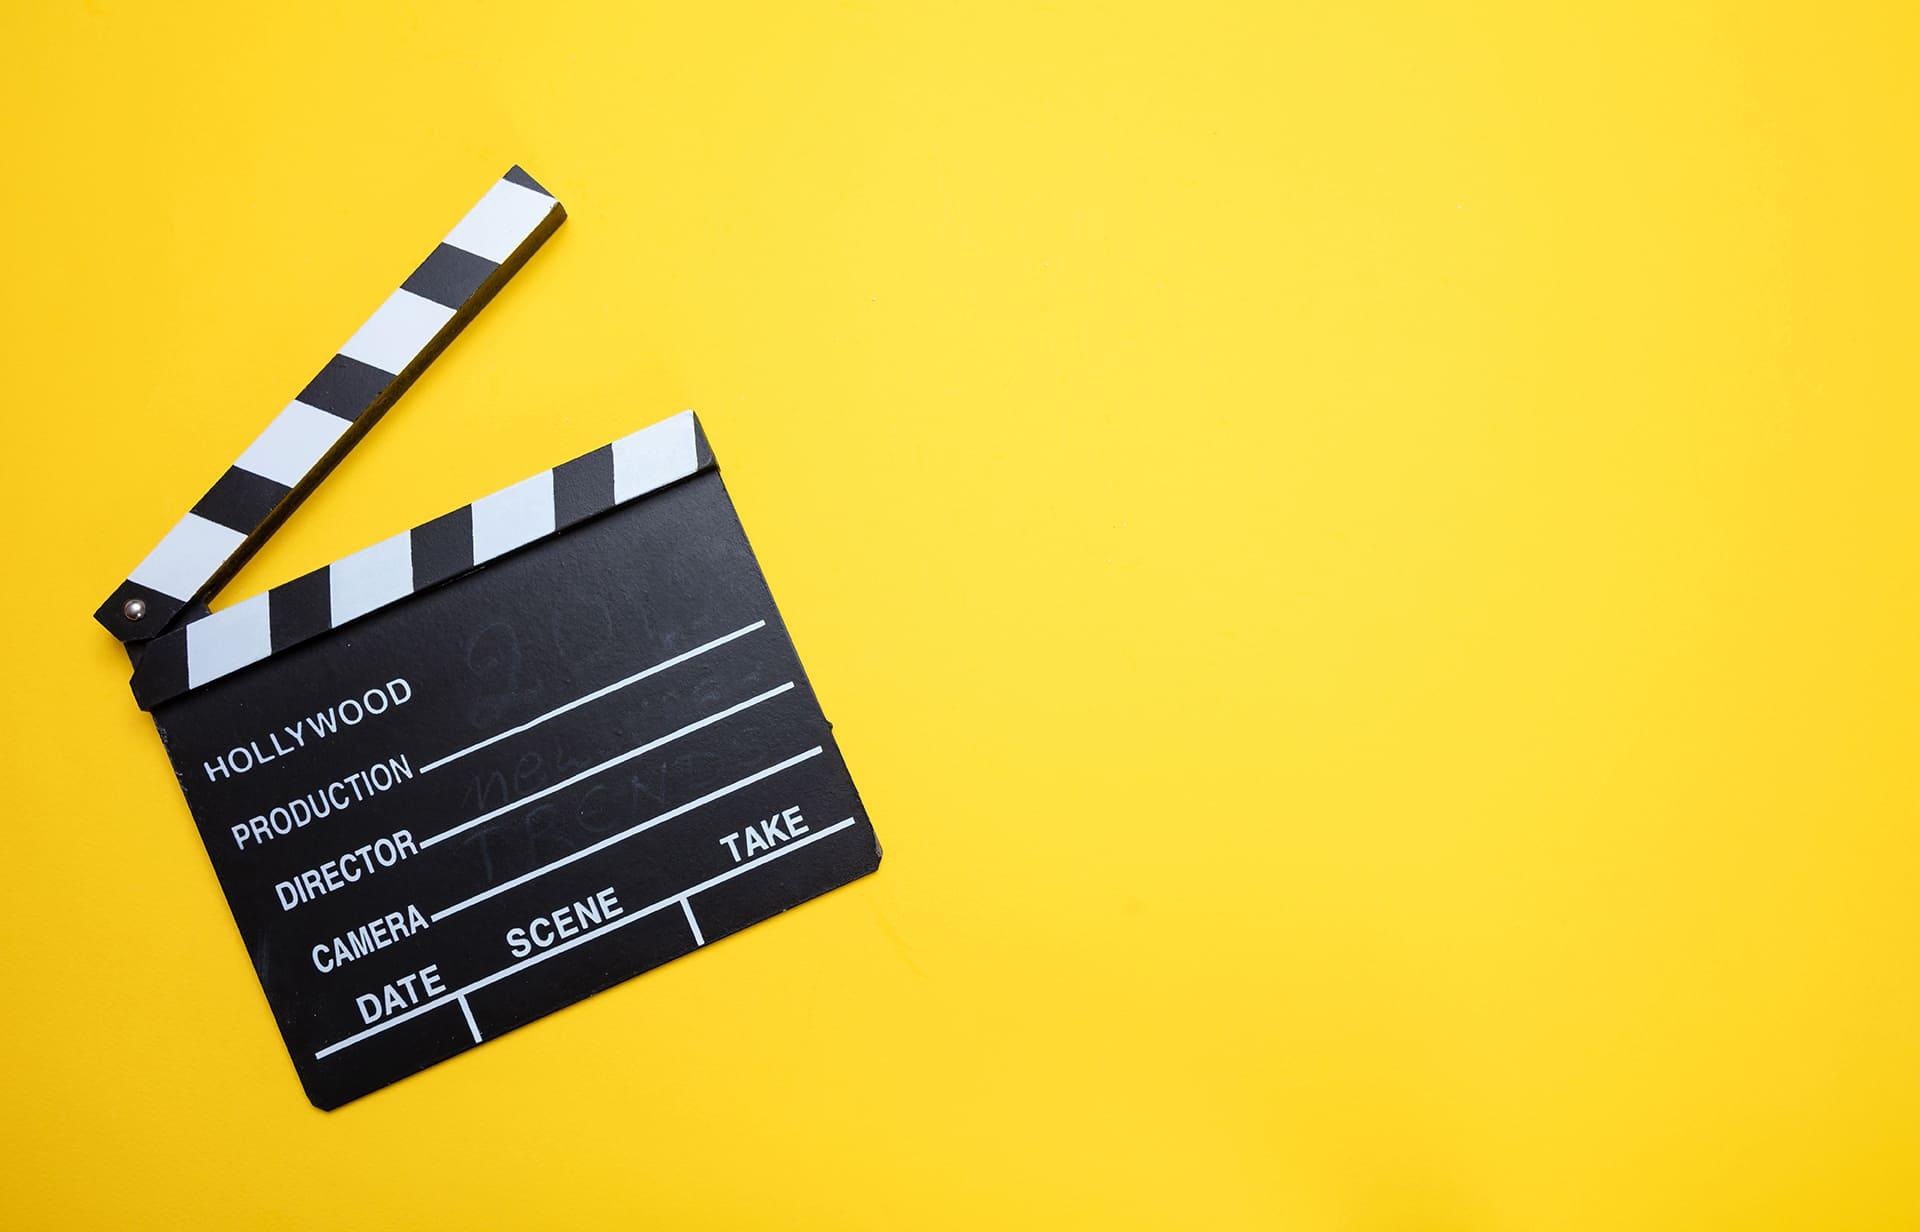 見られる動画はカット数が多い?動画とカット数の関係を事例とともに解説